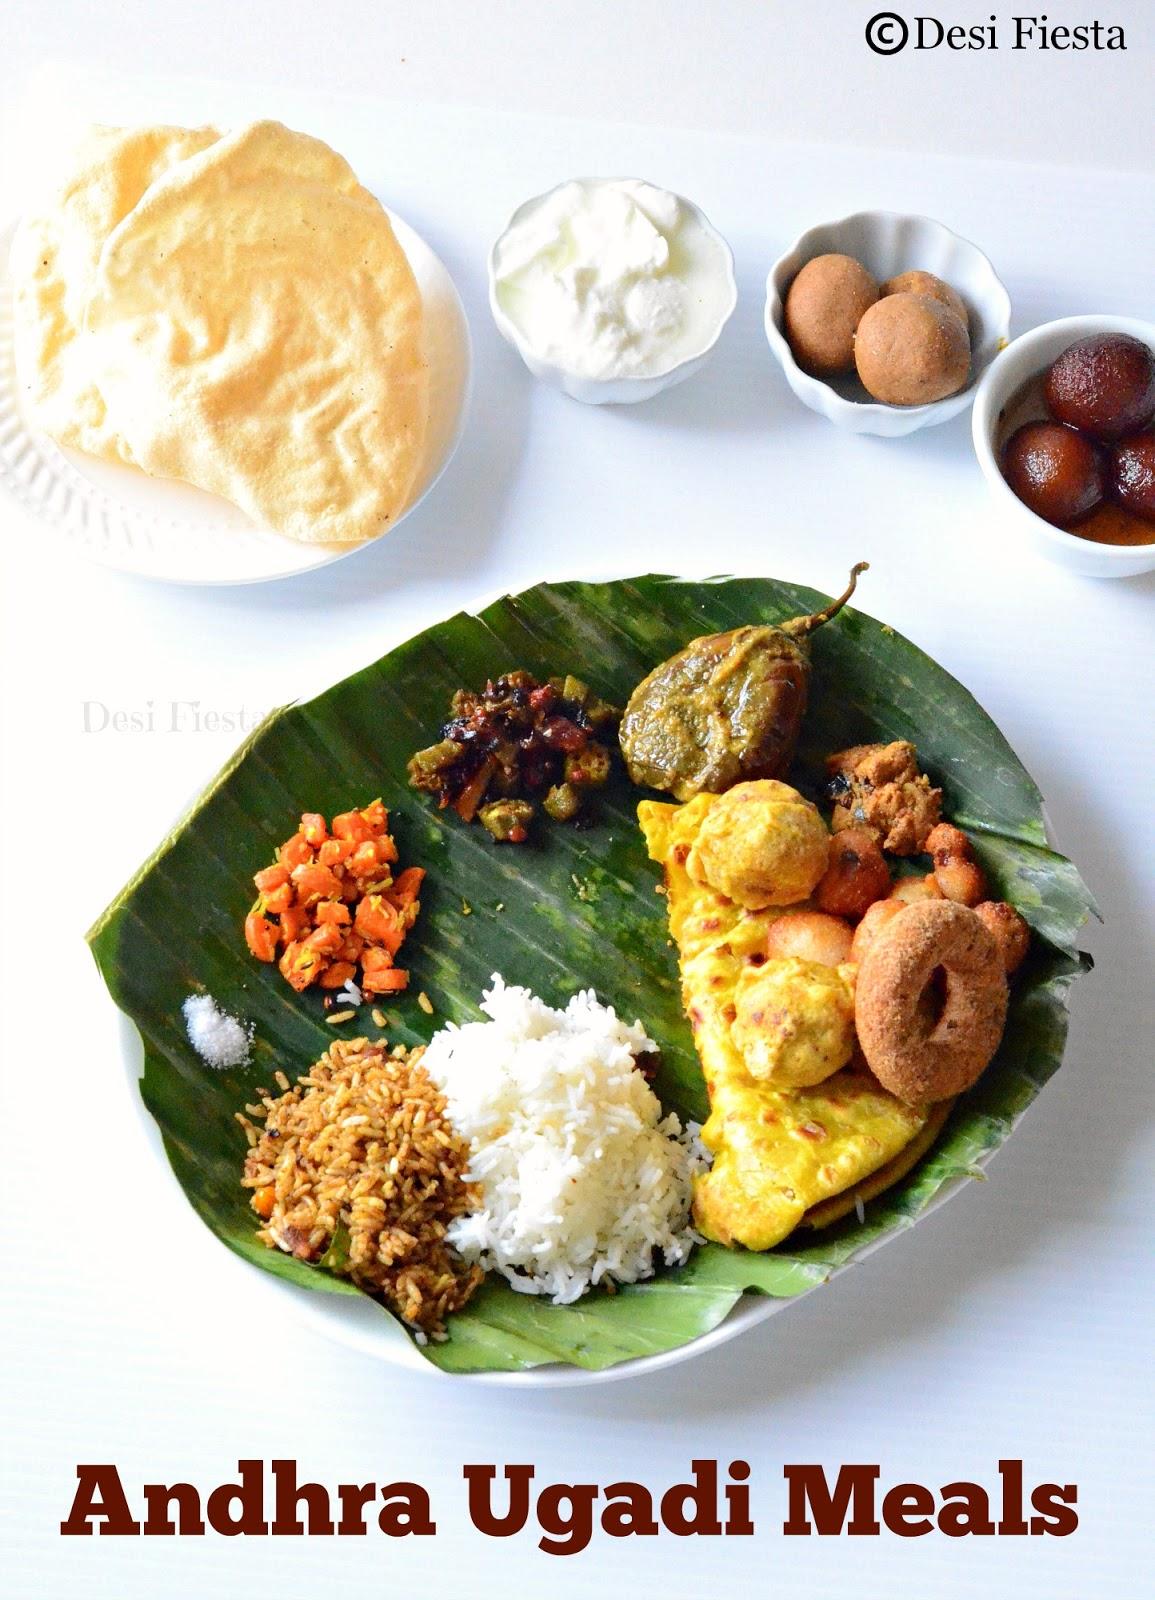 Desi fiesta andhra pradesh ugadi meals adhra pradesh thali for Andhra cuisine vegetarian